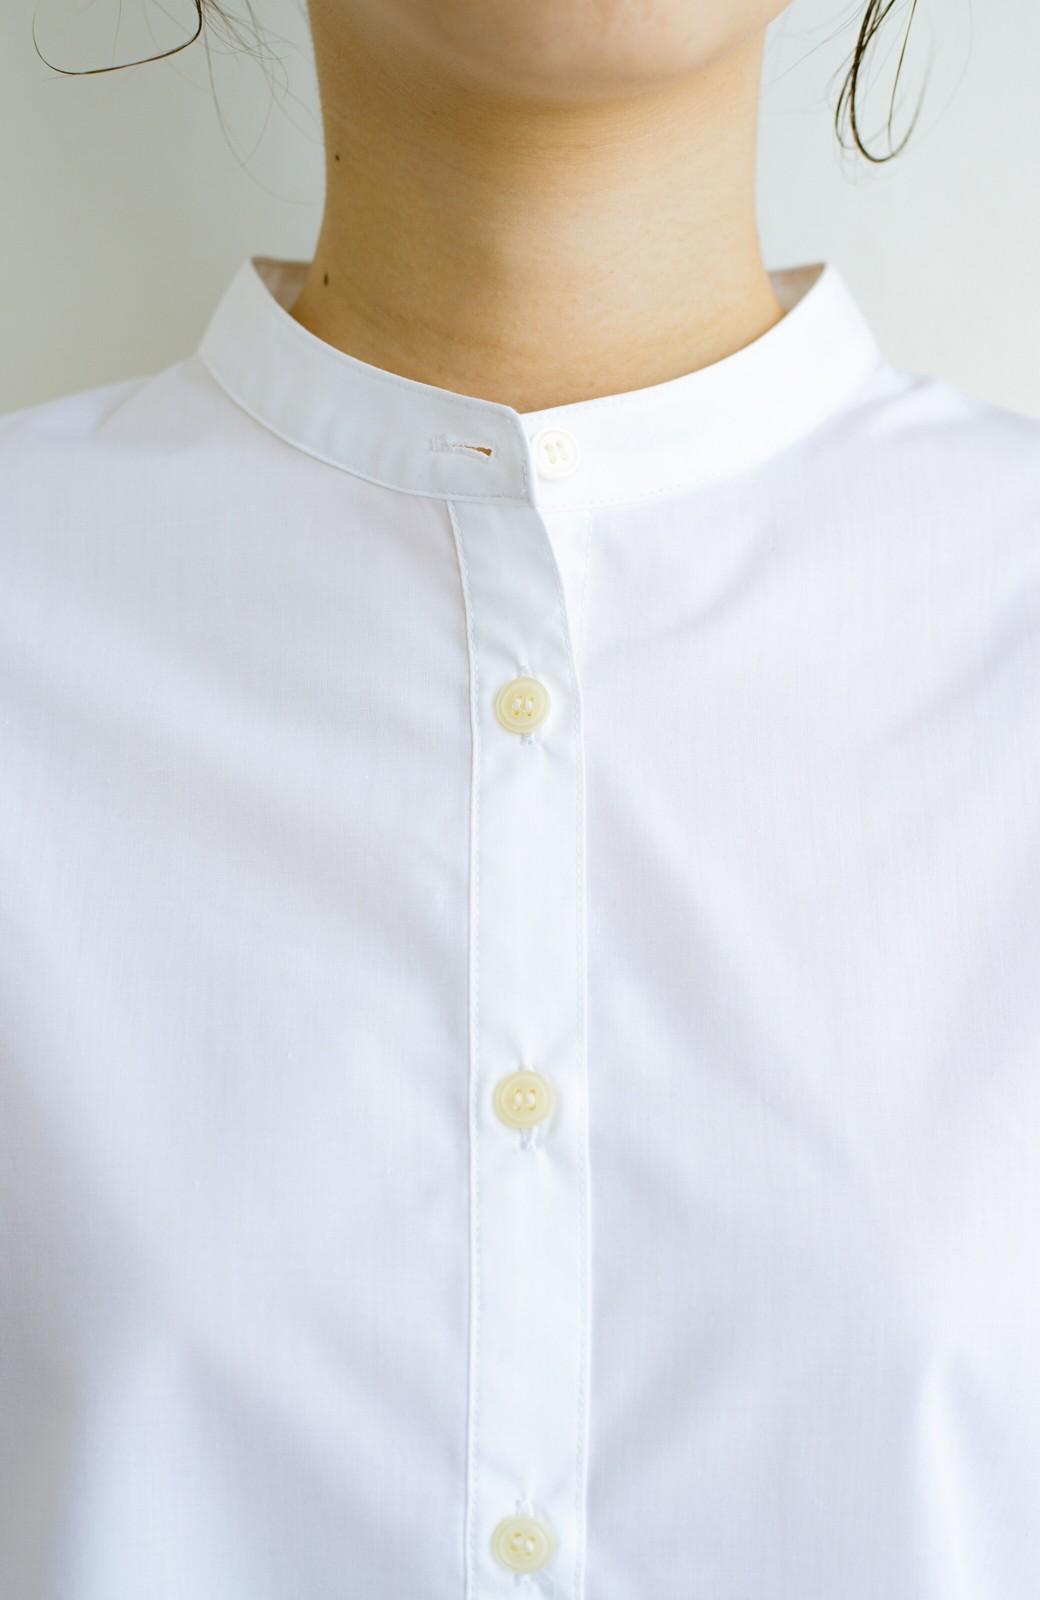 haco! 【あまる肩幅党】肩幅広めがなんのその! きちんと見えて肩まわりゆったりの定番スタンドカラーシャツ <ホワイト>の商品写真5